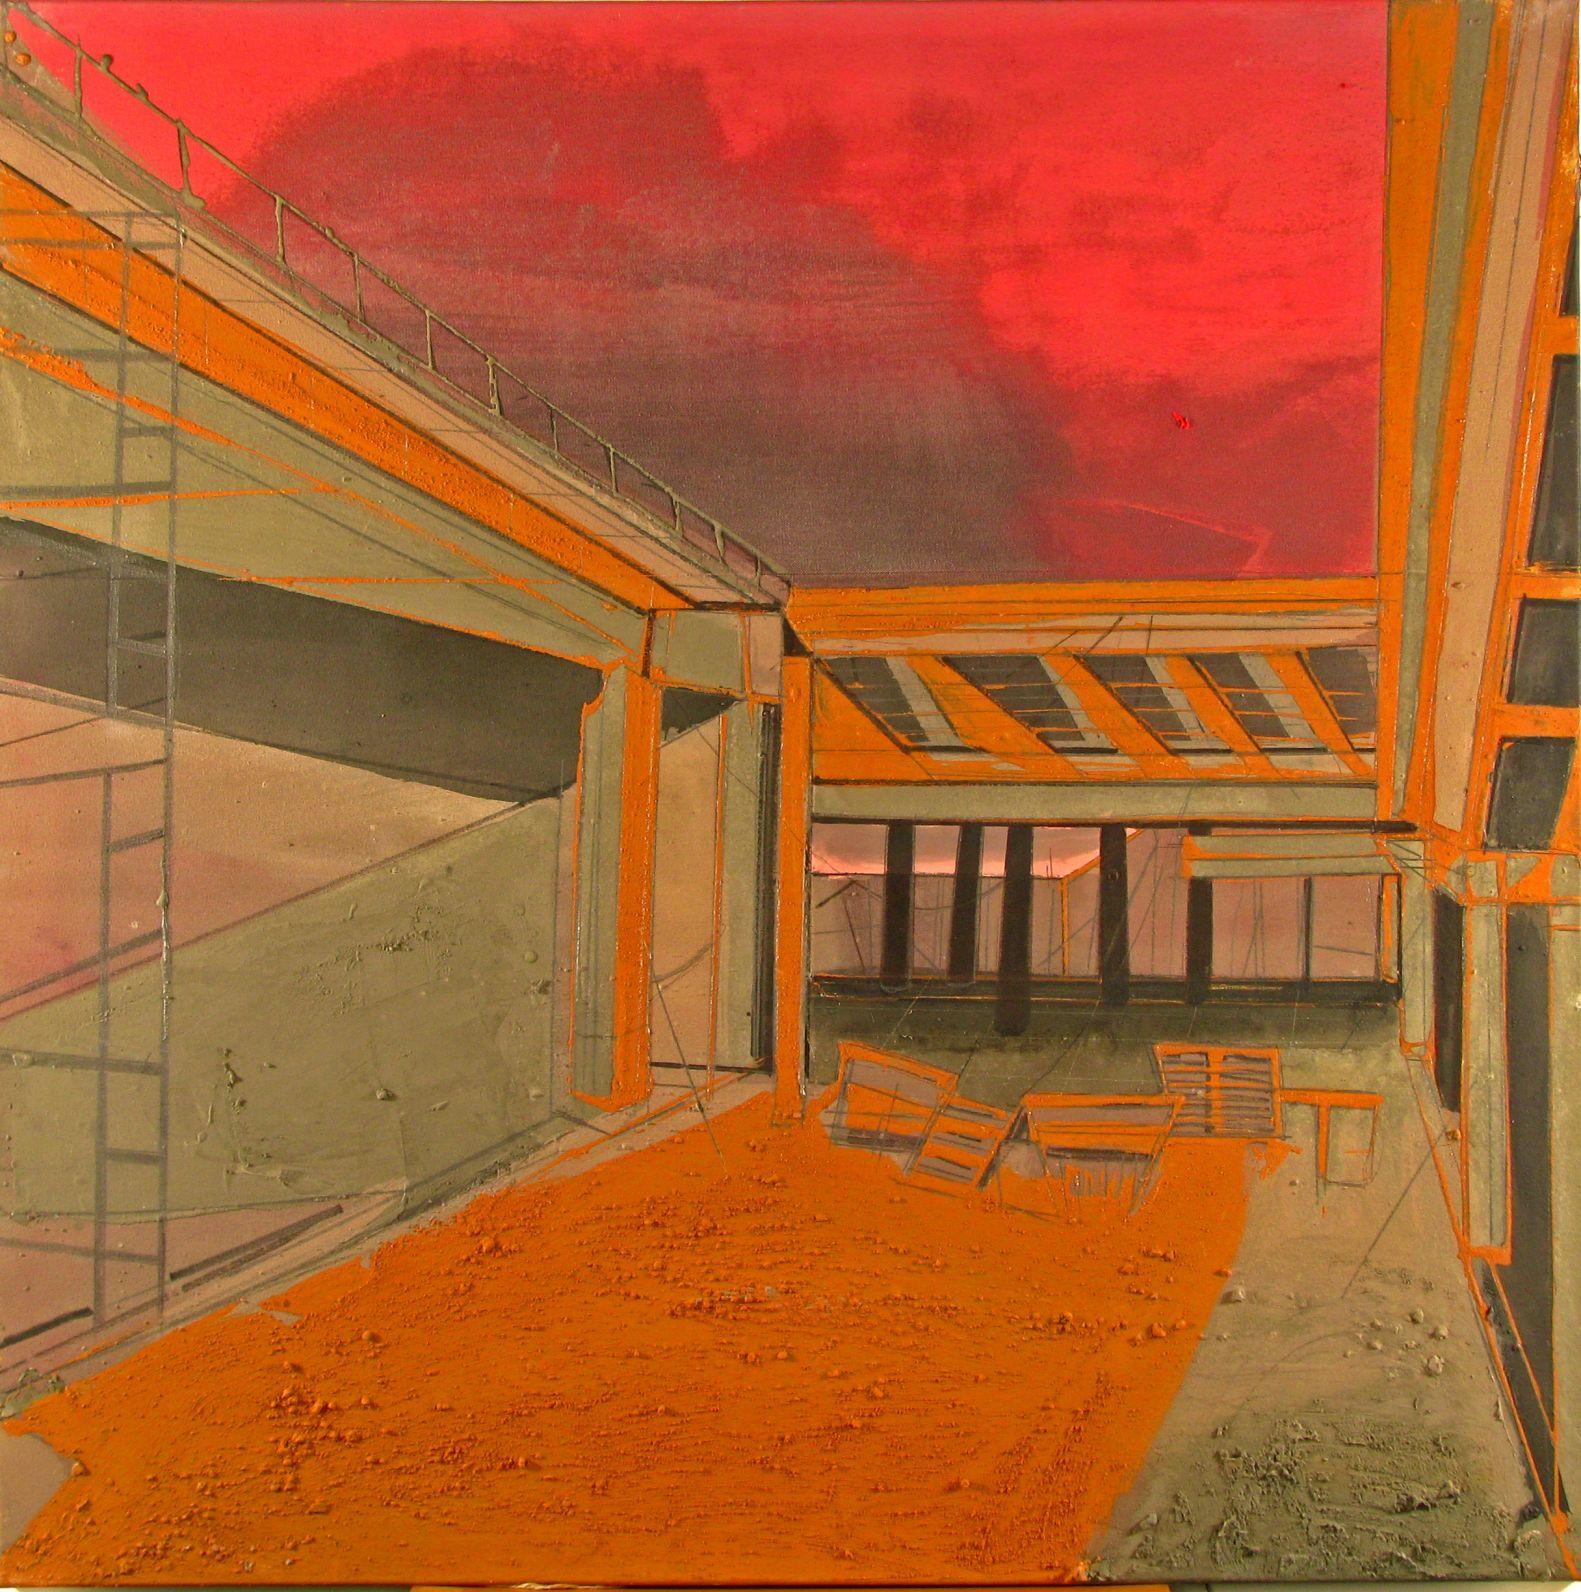 De la serie Metro cuadrado (2008) - Carlos Carmona - dissidenxia